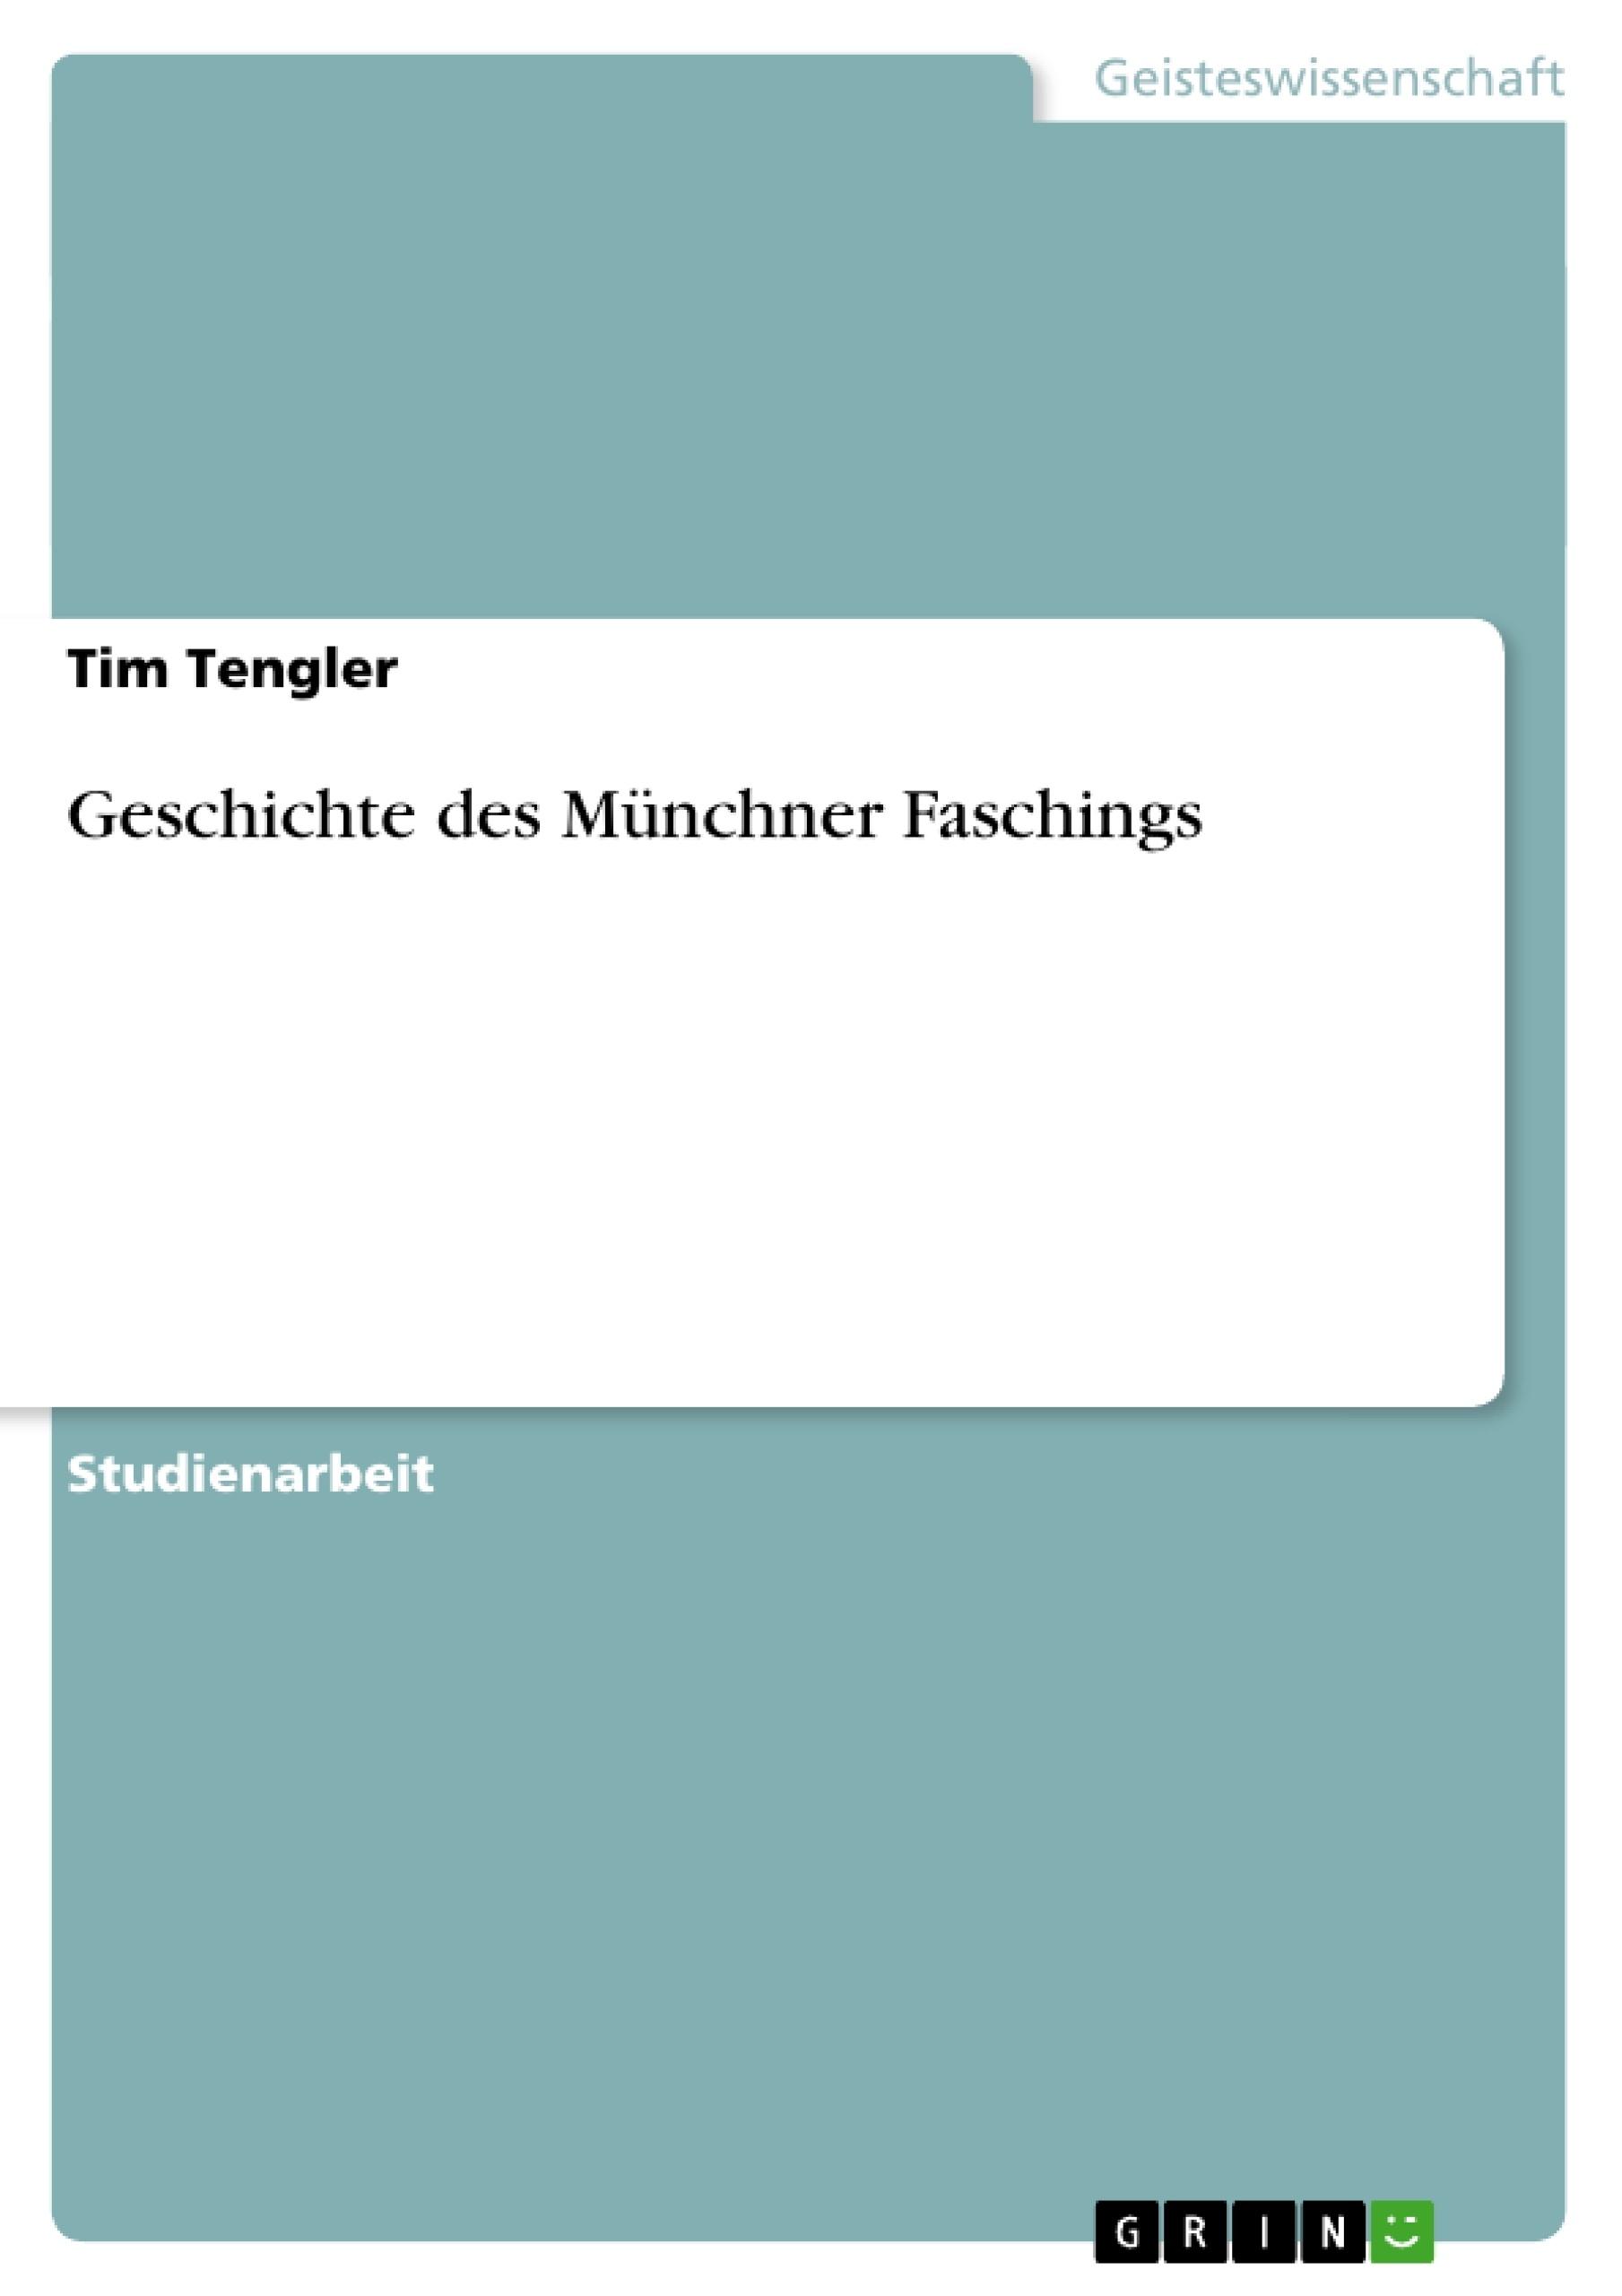 Titel: Geschichte des Münchner Faschings